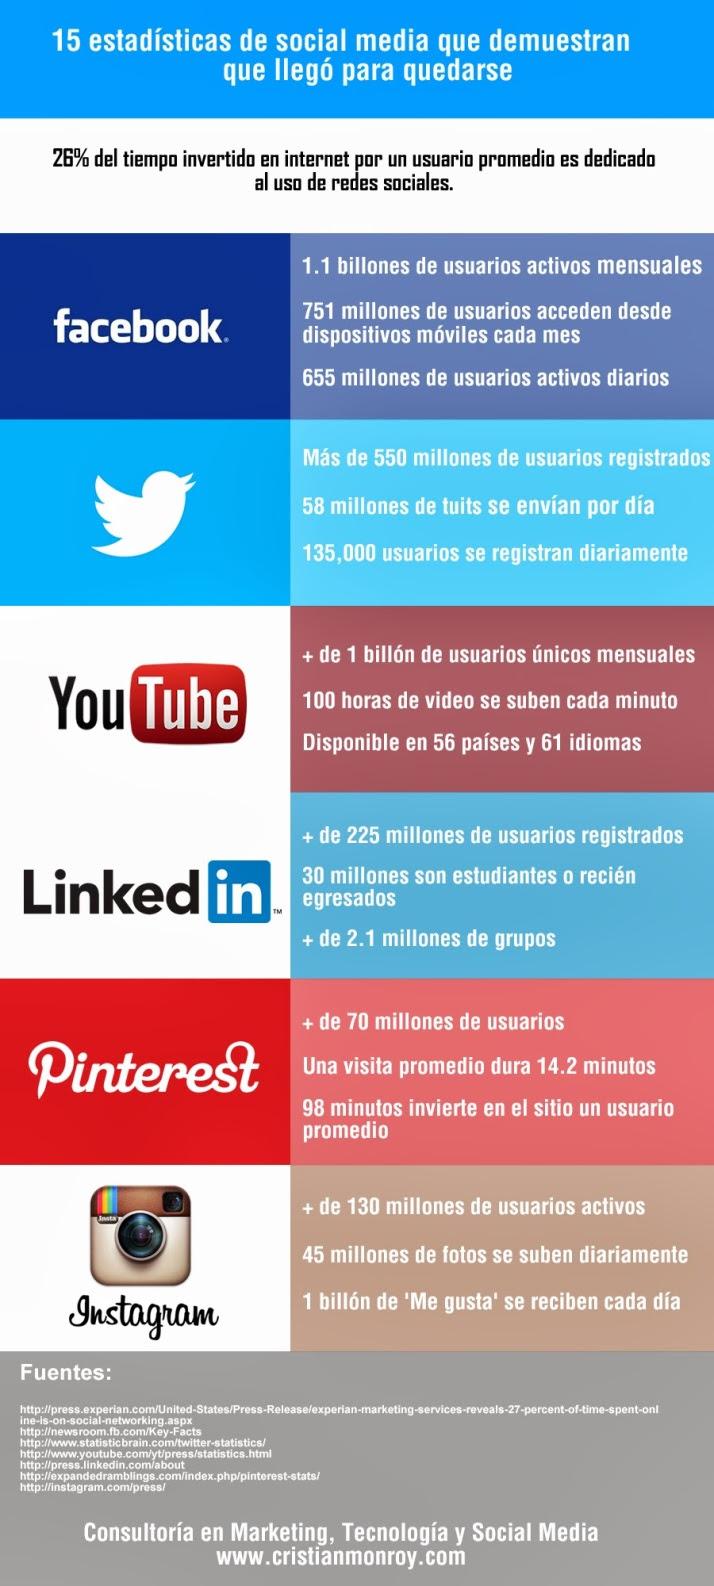 15 datos que indicar que el Social Media es una realidad